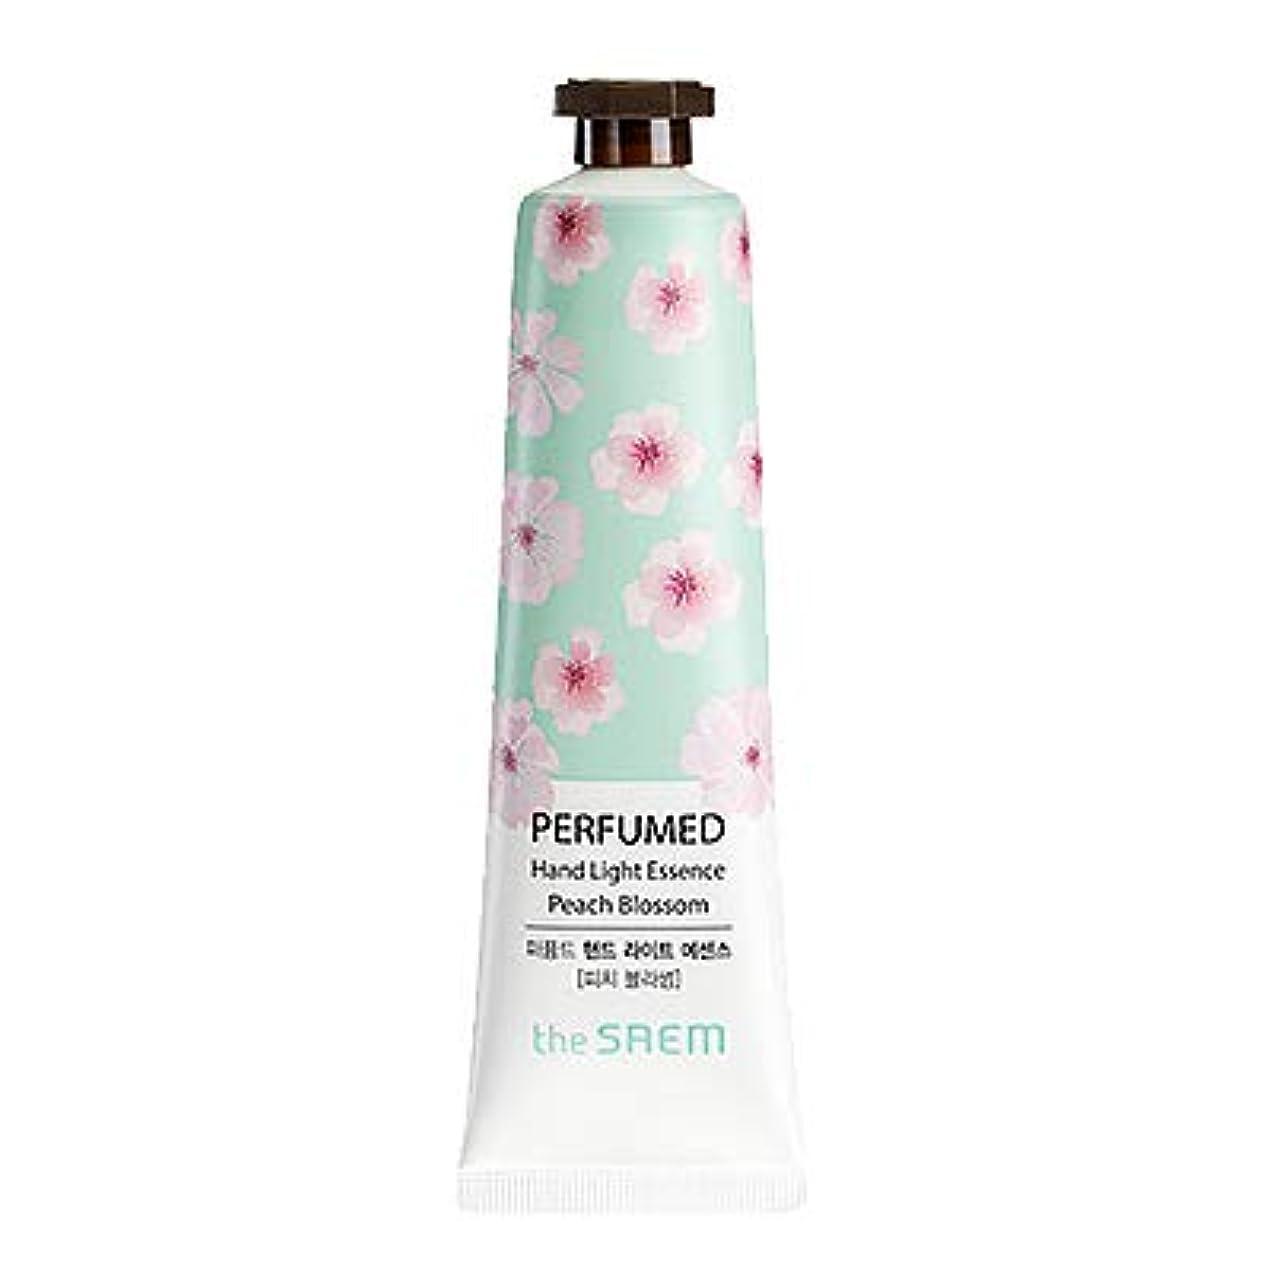 床描写に向けて出発theSAEM ザセム パヒューム ハンド ライト エッセンス ハンドクリーム PERFUMED HAND LIGHT ESSENCE 韓国コスメ (E-Peach Blossom(ピーチブロッサム))